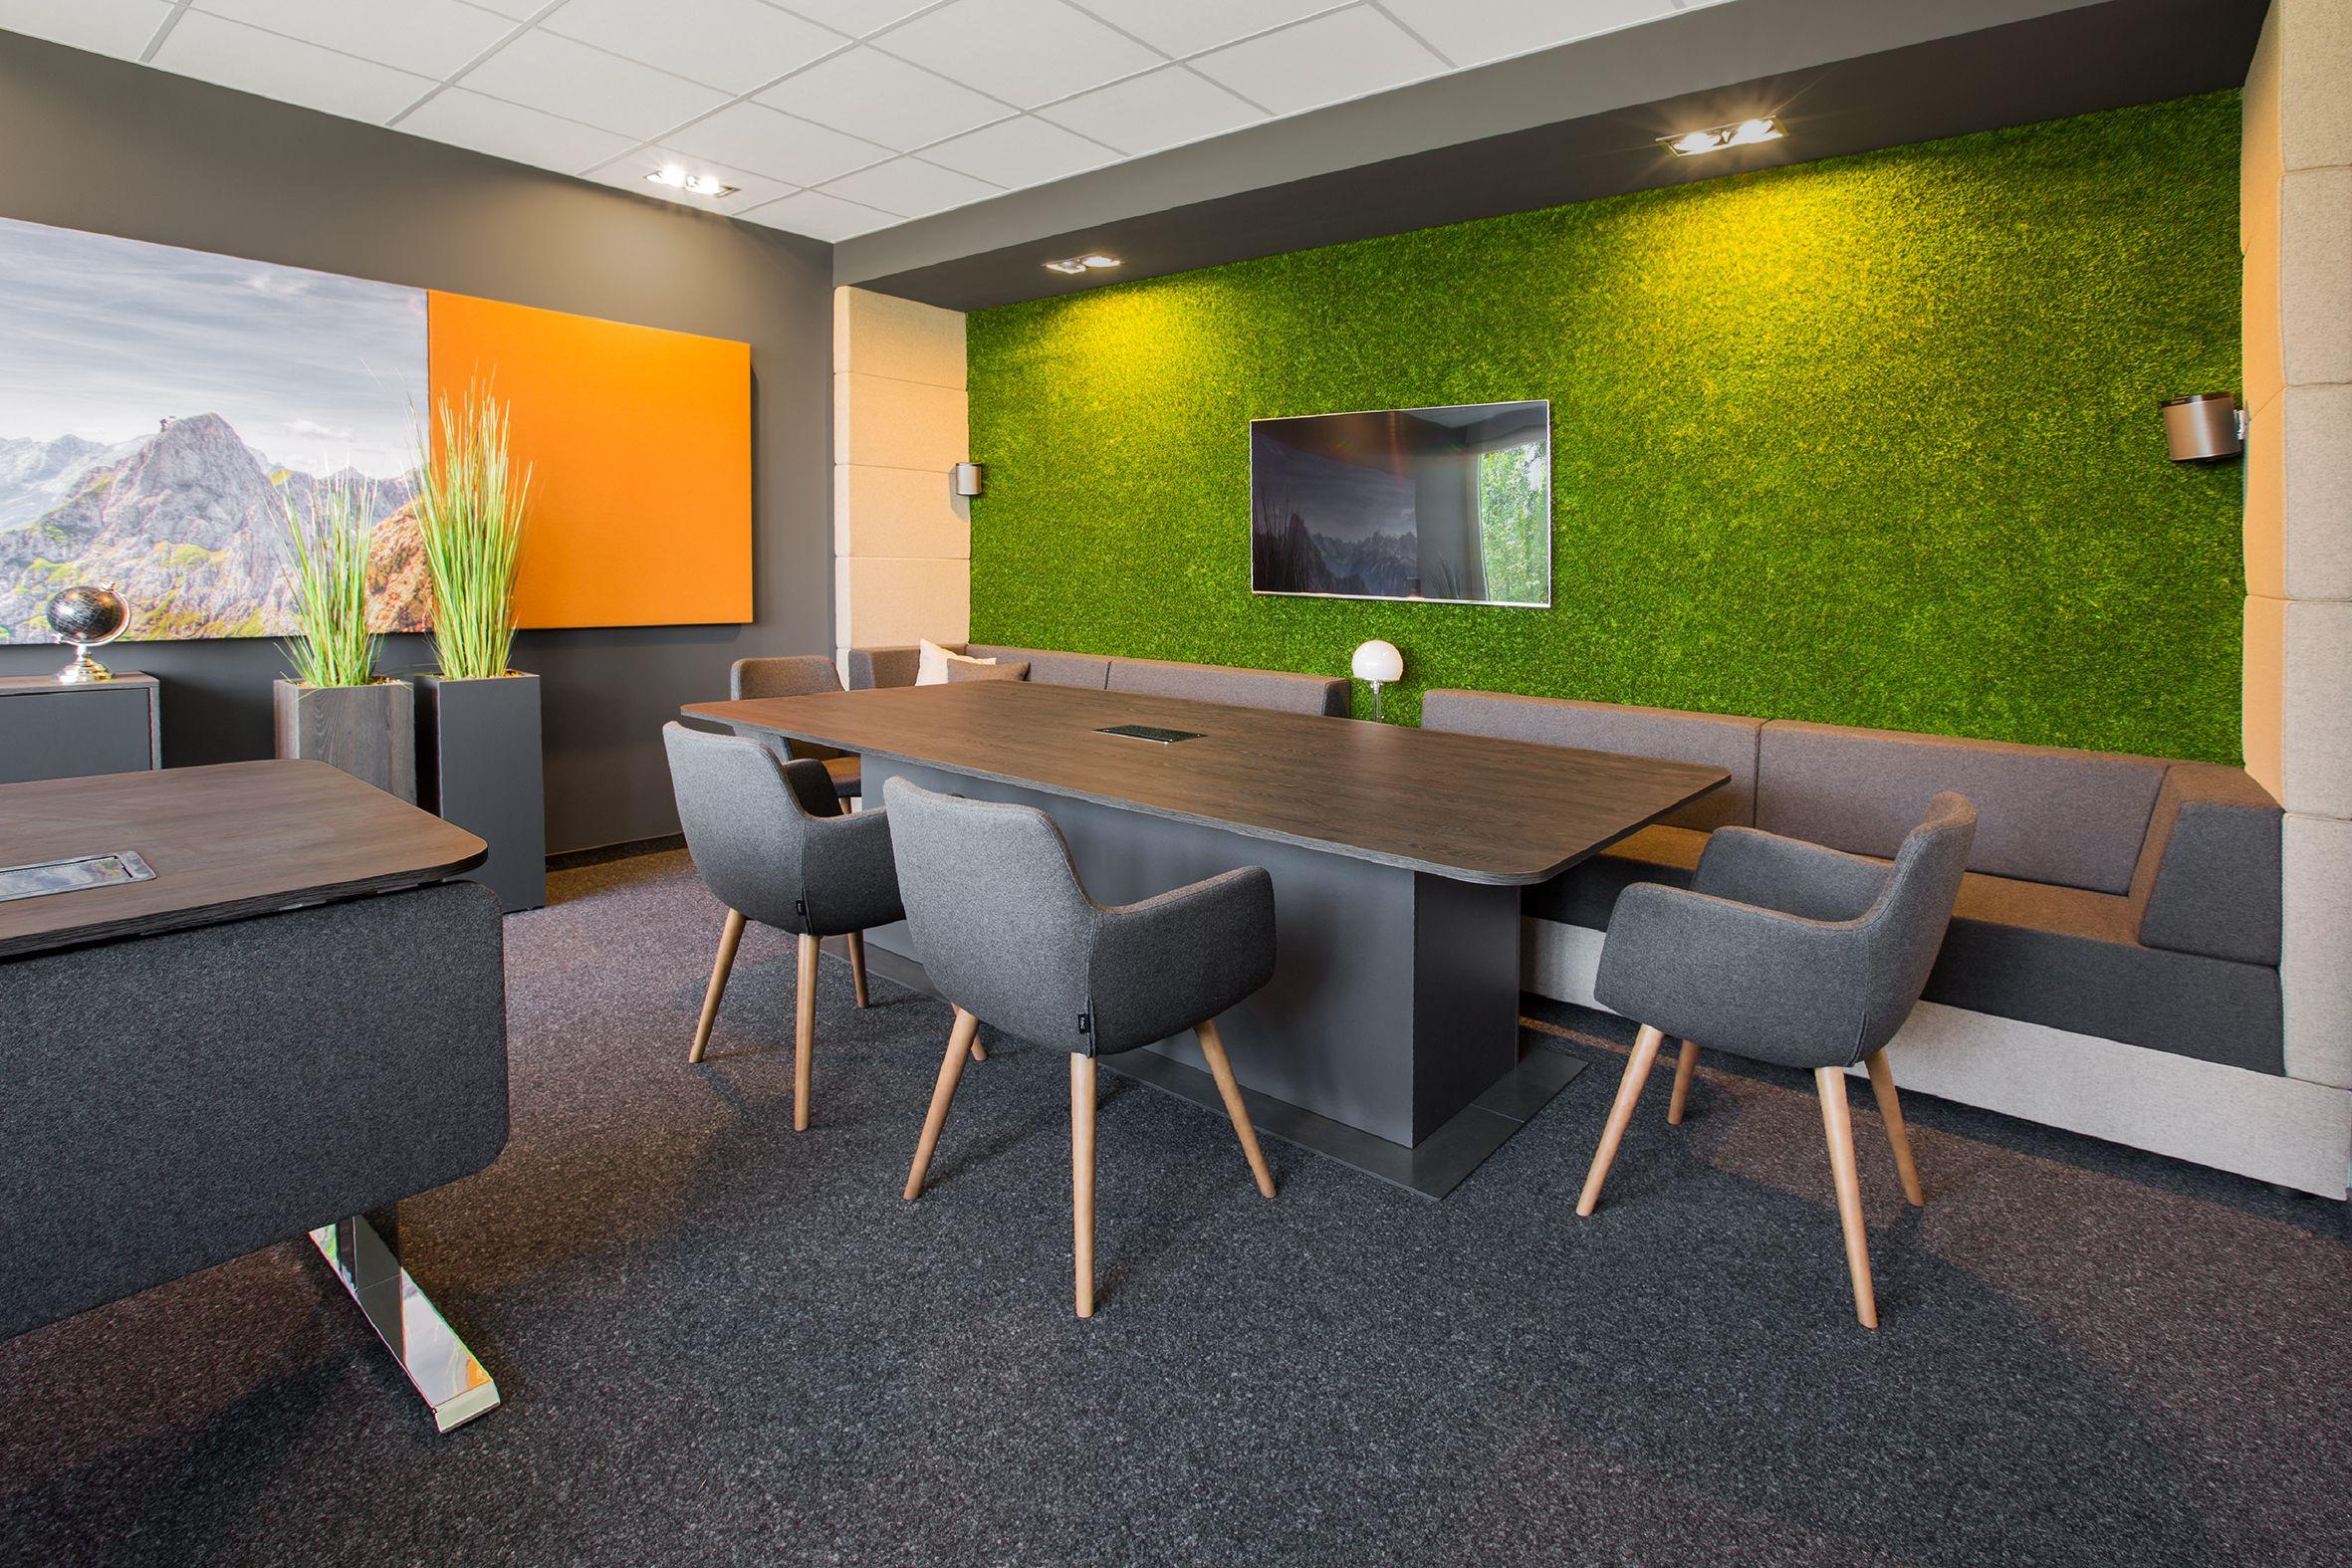 gr n im b ro entspannt helles gr n wirkt regenerierend und vitalisierend es beruhigt und. Black Bedroom Furniture Sets. Home Design Ideas